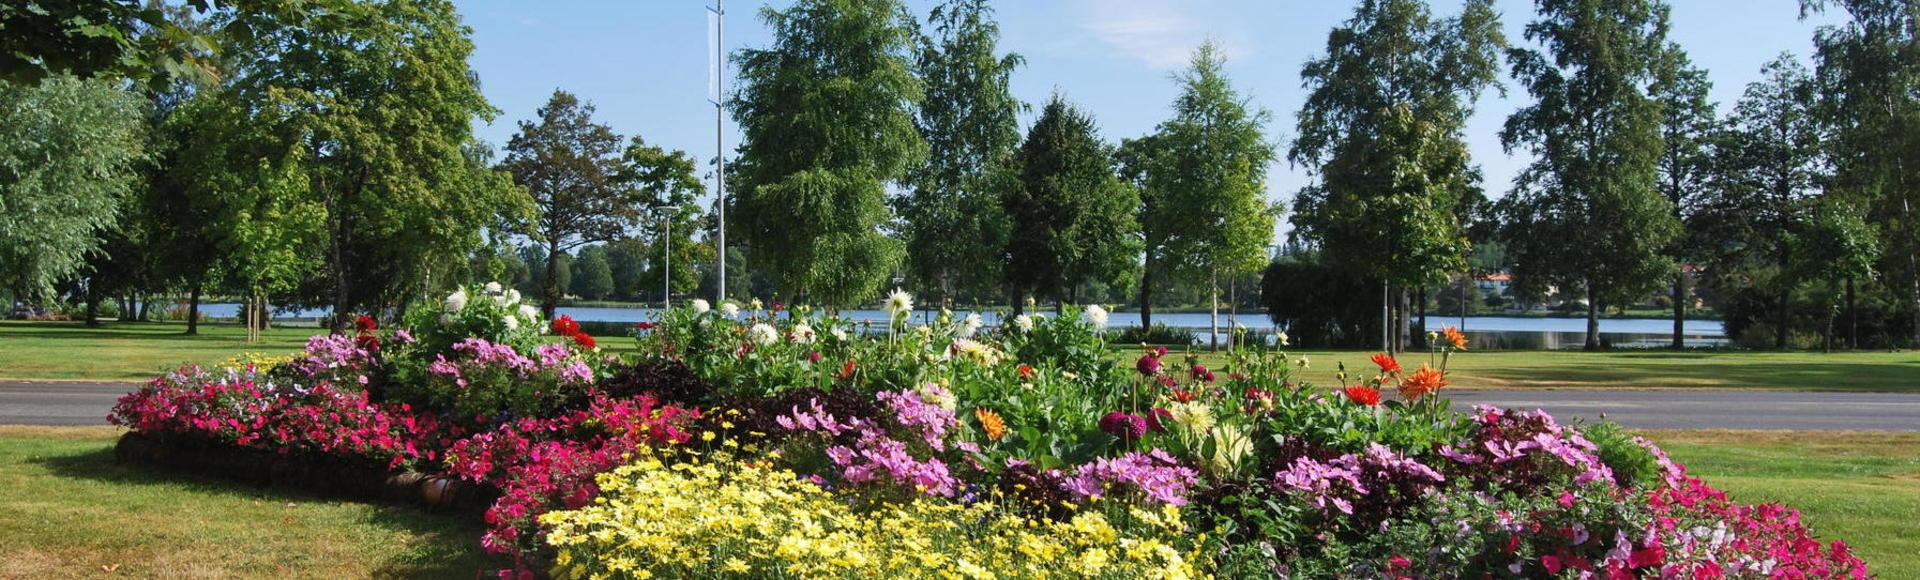 Blommor bredvid Stadsparken